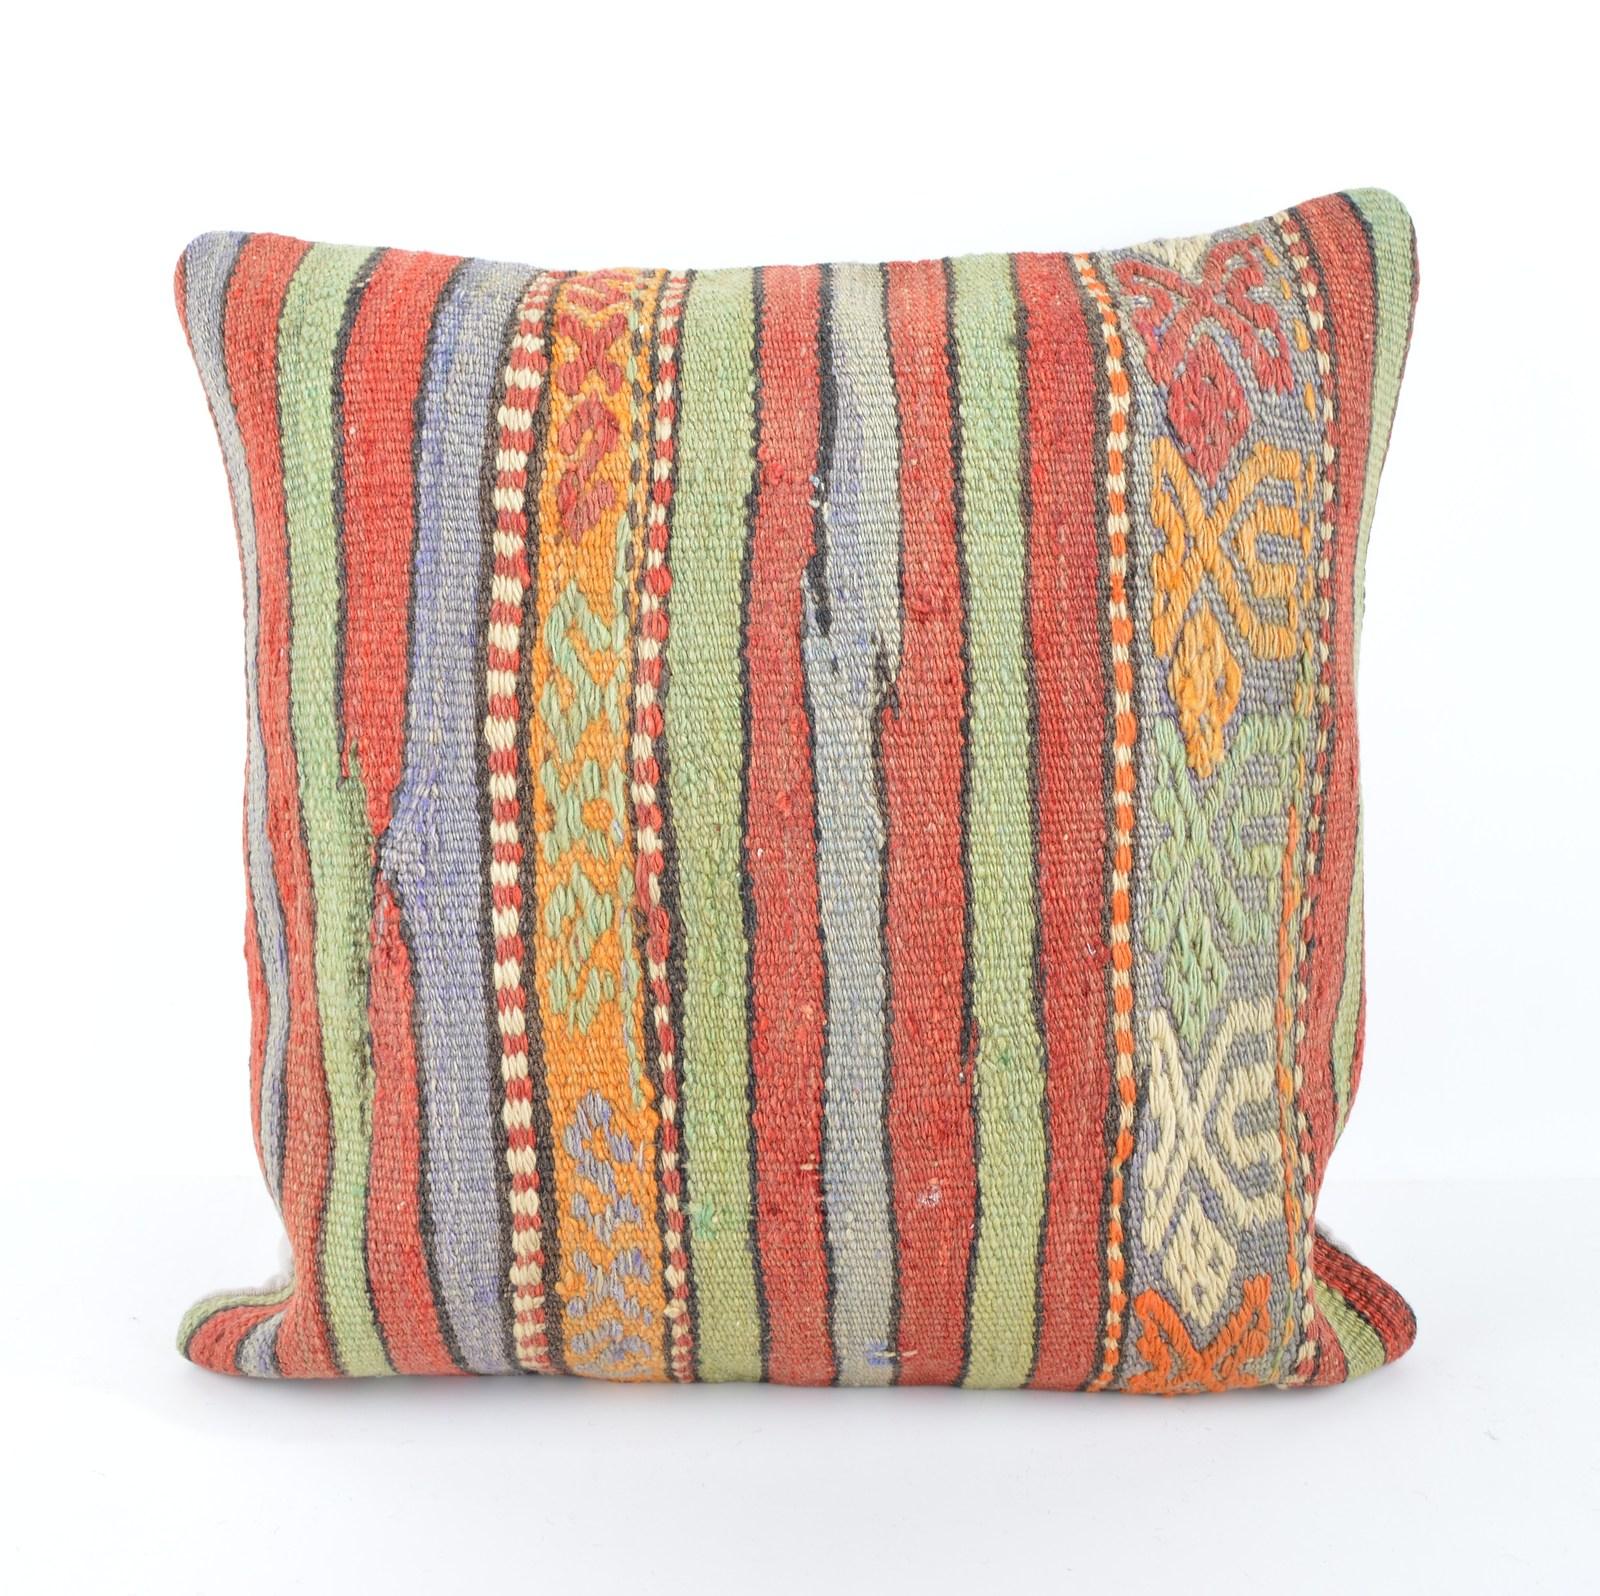 Throw Pillow Ethnic,Kilim Pillow Cover, BohemianTribal ...